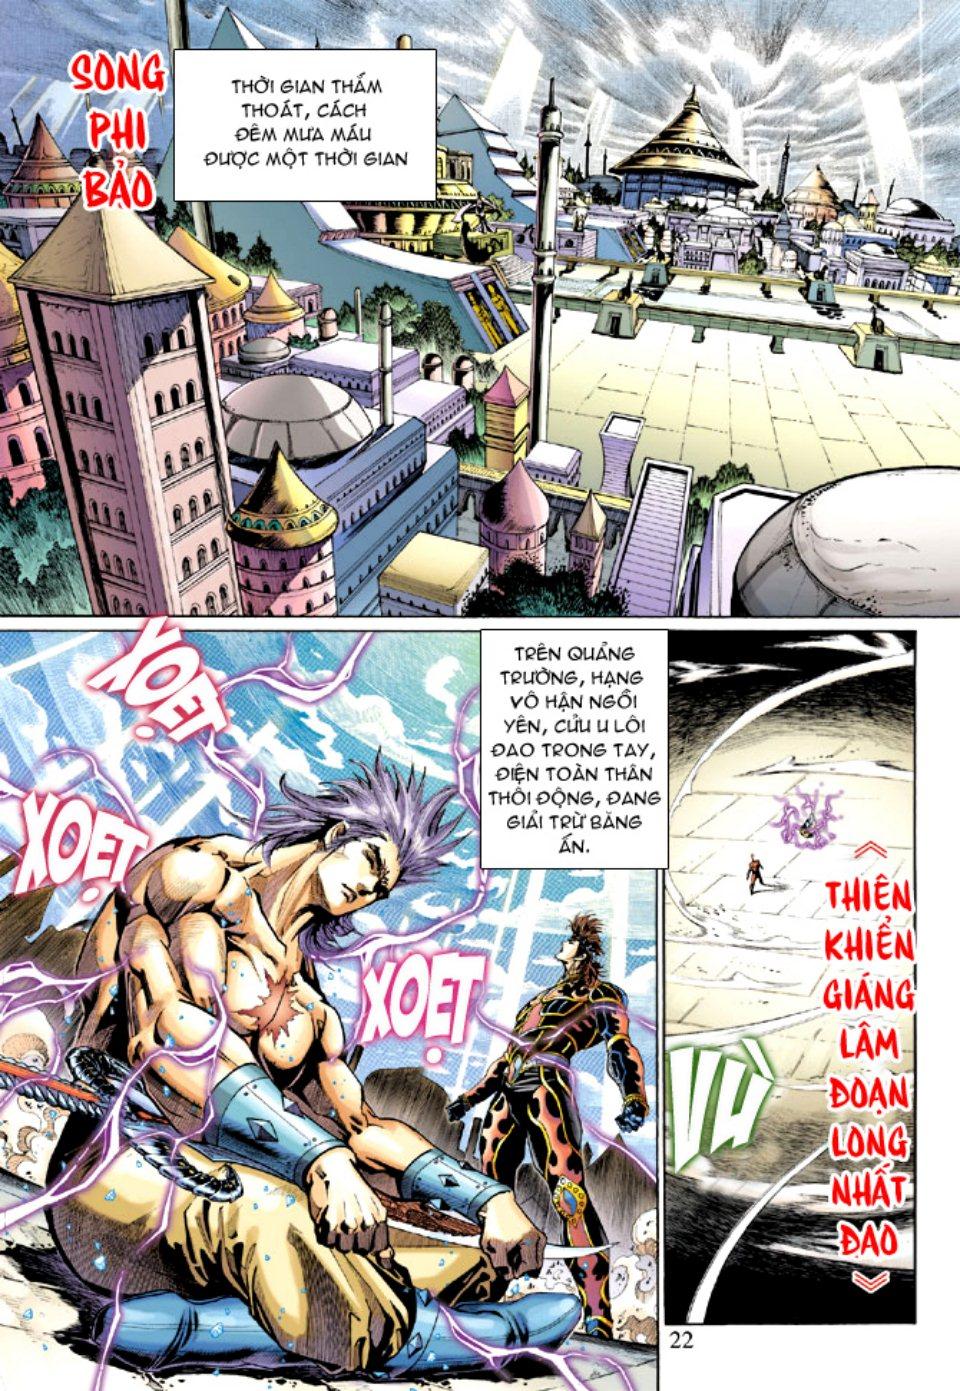 Thiên Tử Truyền Kỳ 5 - Như Lai Thần Chưởng chap 212 - Trang 22